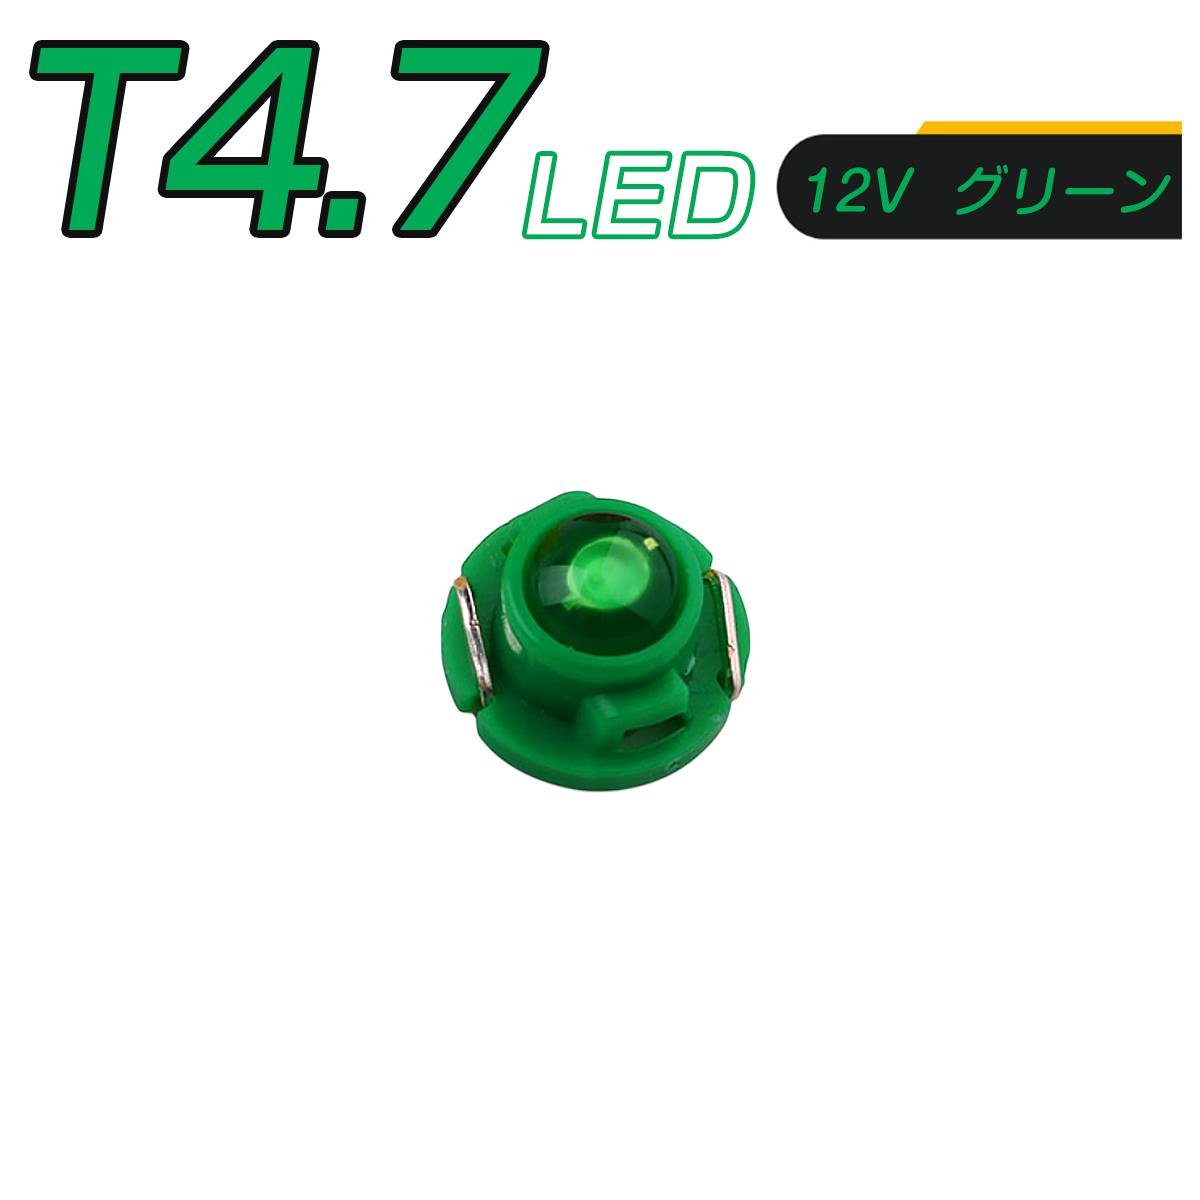 LED T4.7 SMD 緑 メーター球 タコランプ インジケーター エアコンパネル 超拡散 全面発光 2個セット SDM便送料無料 1ヶ月保証